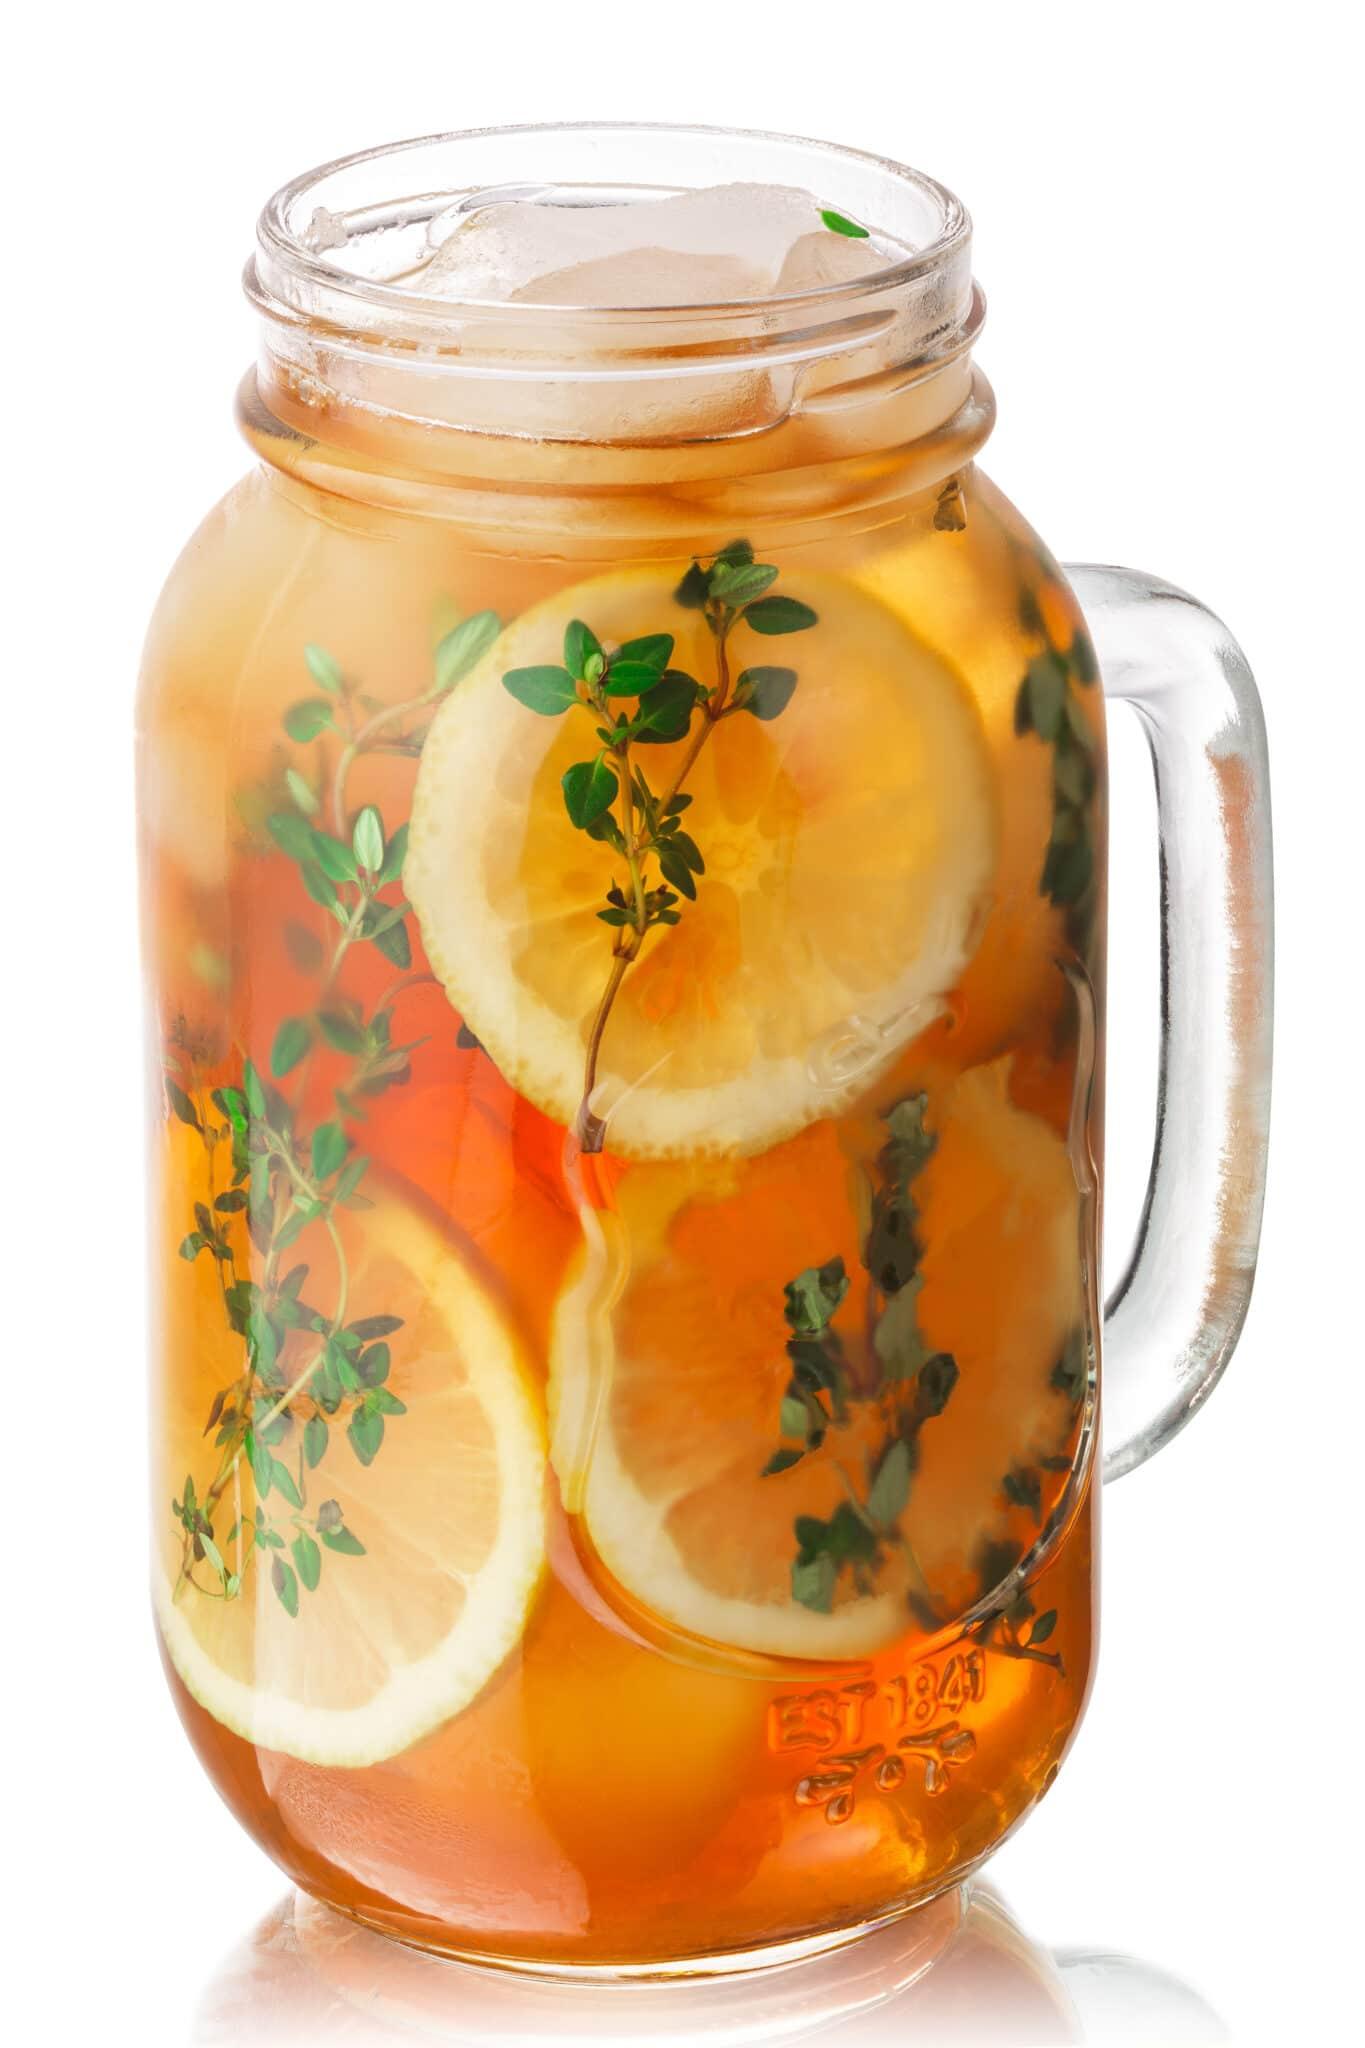 Iced thyme lemon tea in a mason jar, isolated